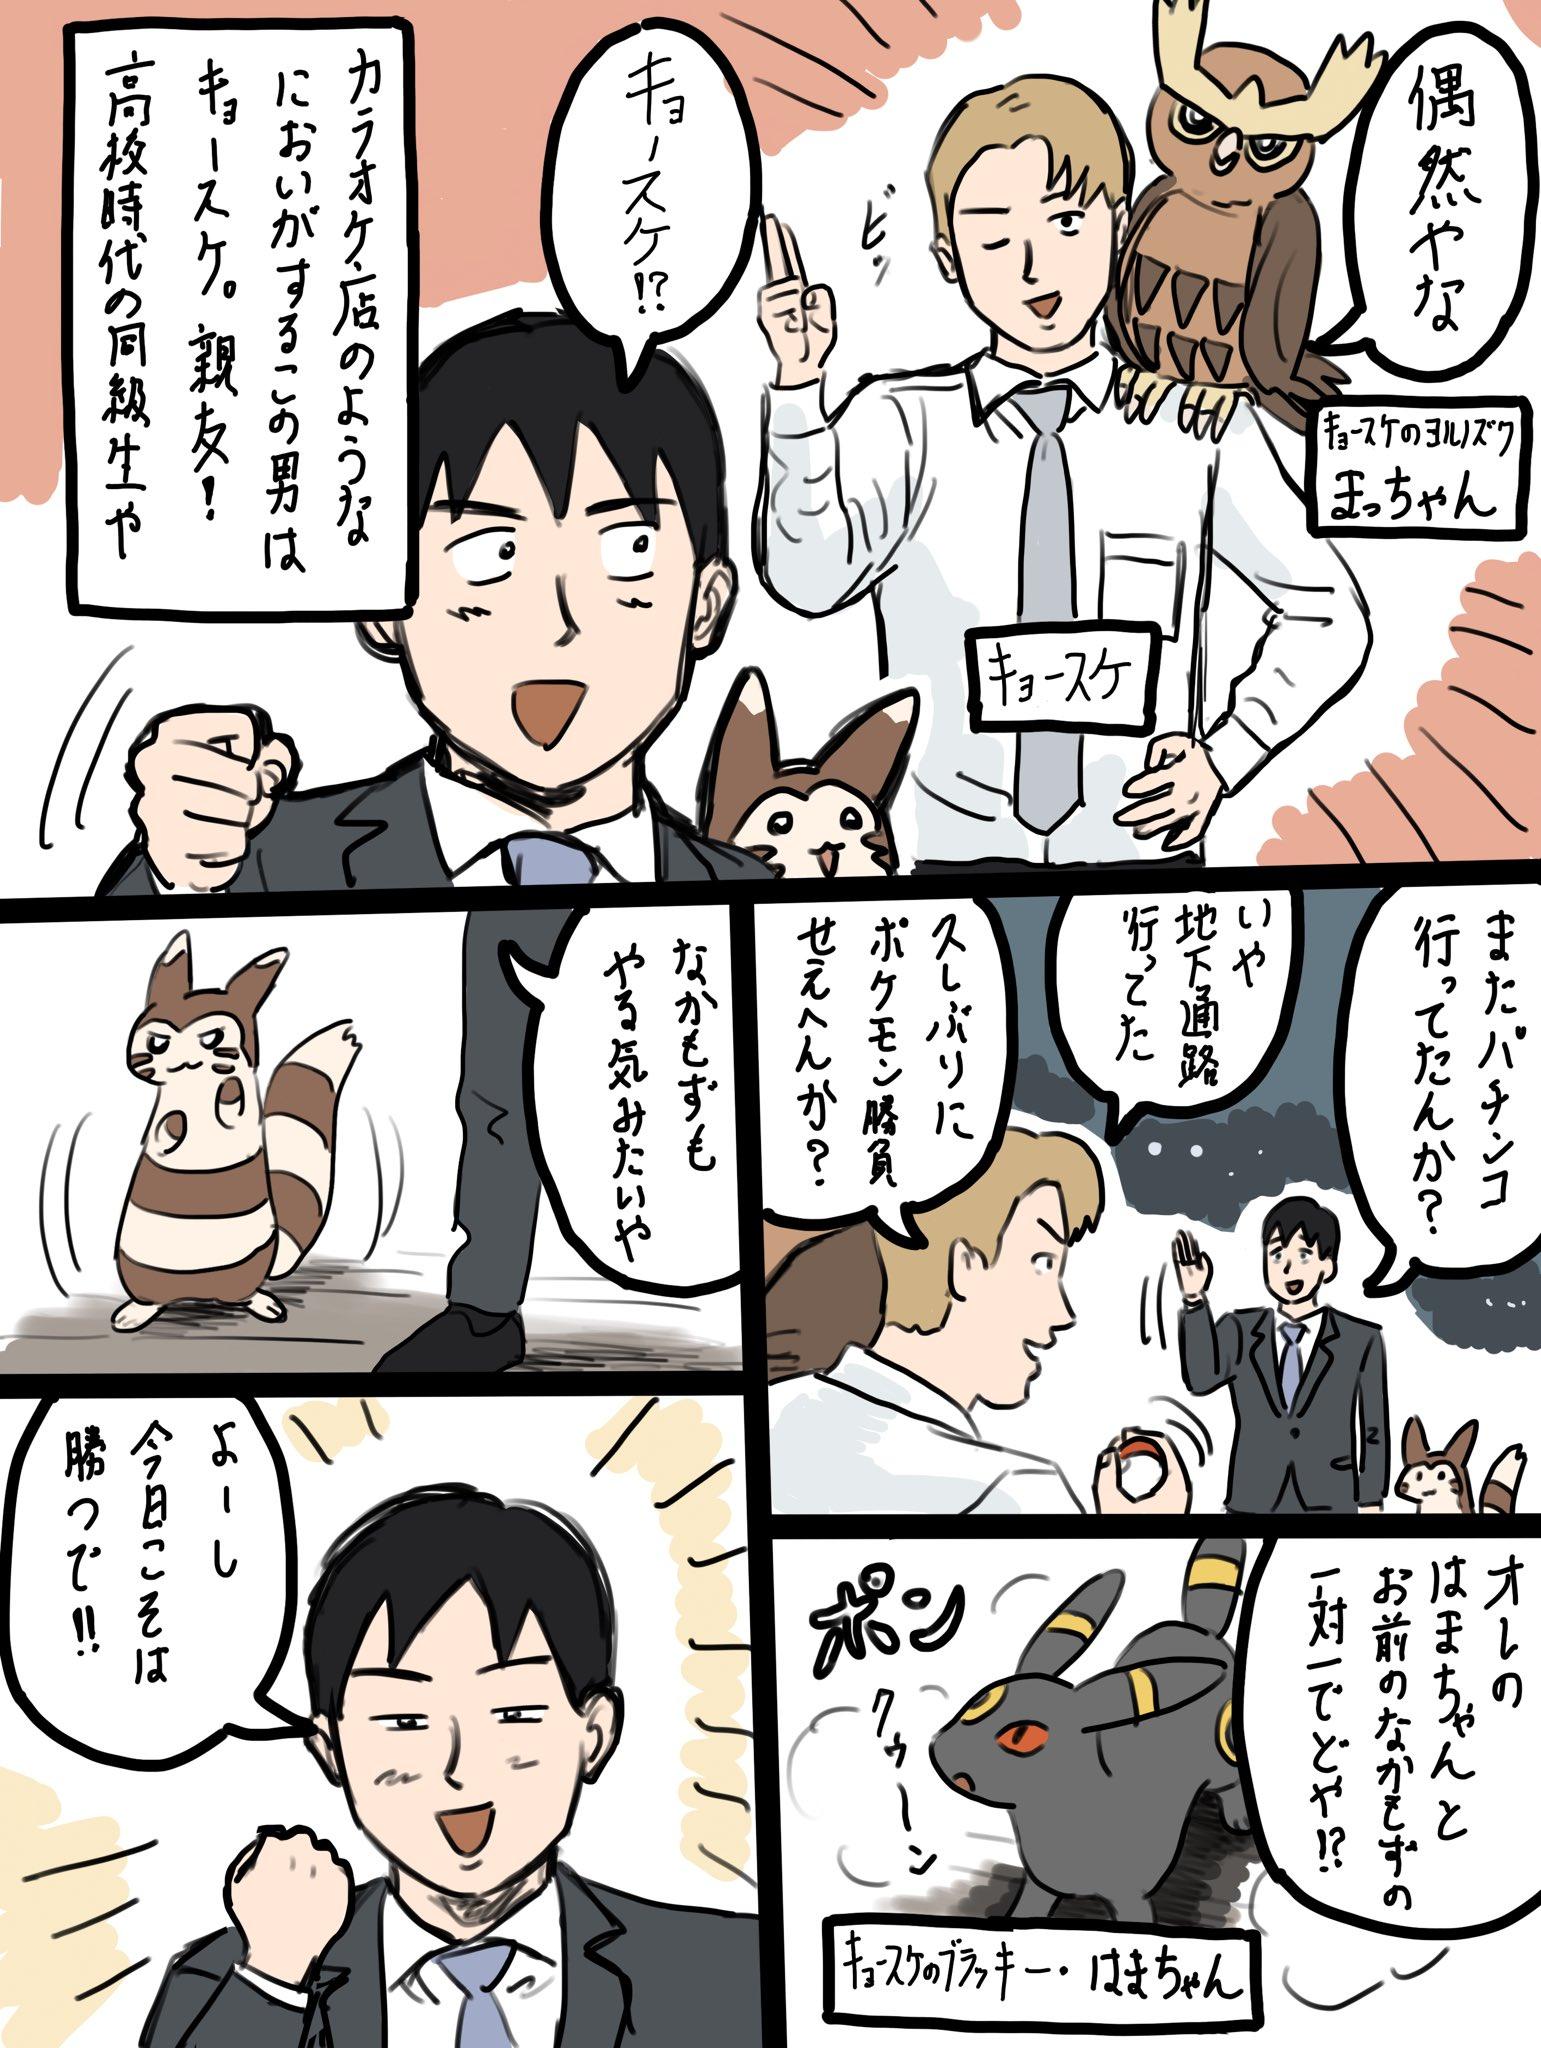 ポケモンが現代日本にいる世界を描いた漫画が話題に!